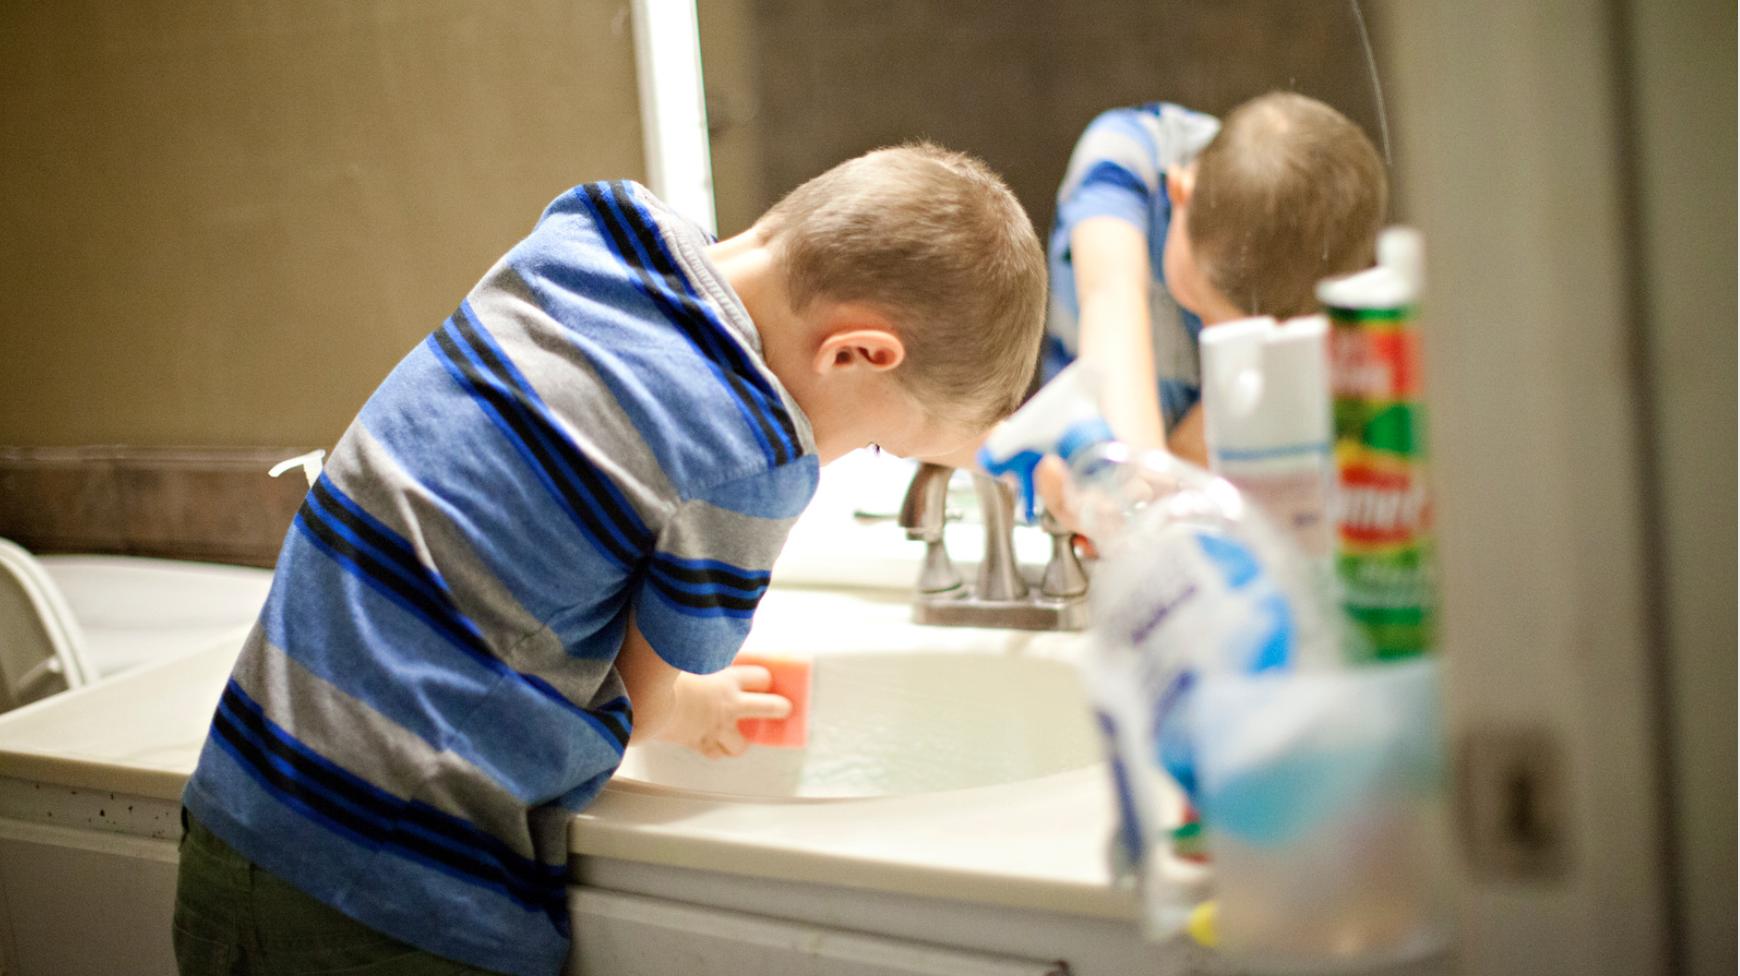 temizlik yapan çocuk